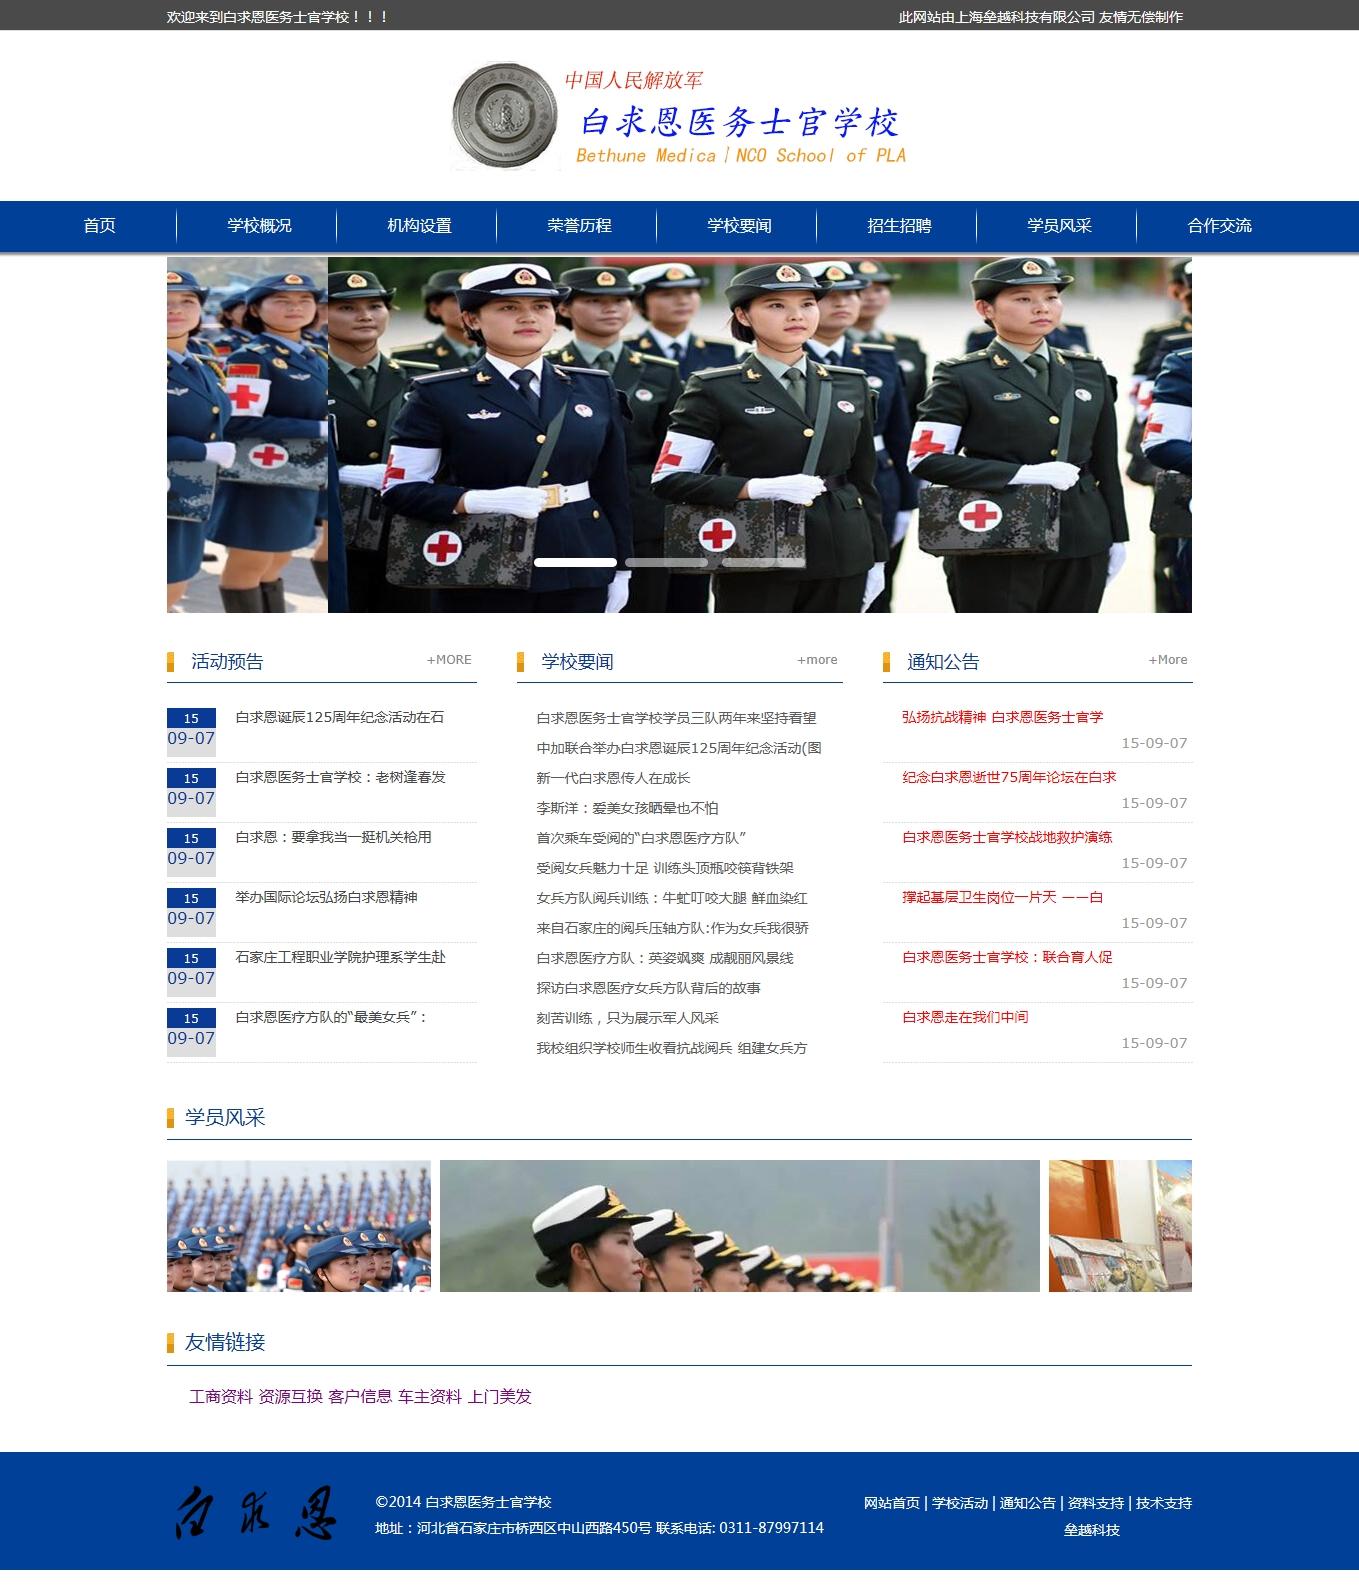 白求恩医务士官学校网站制作已完成